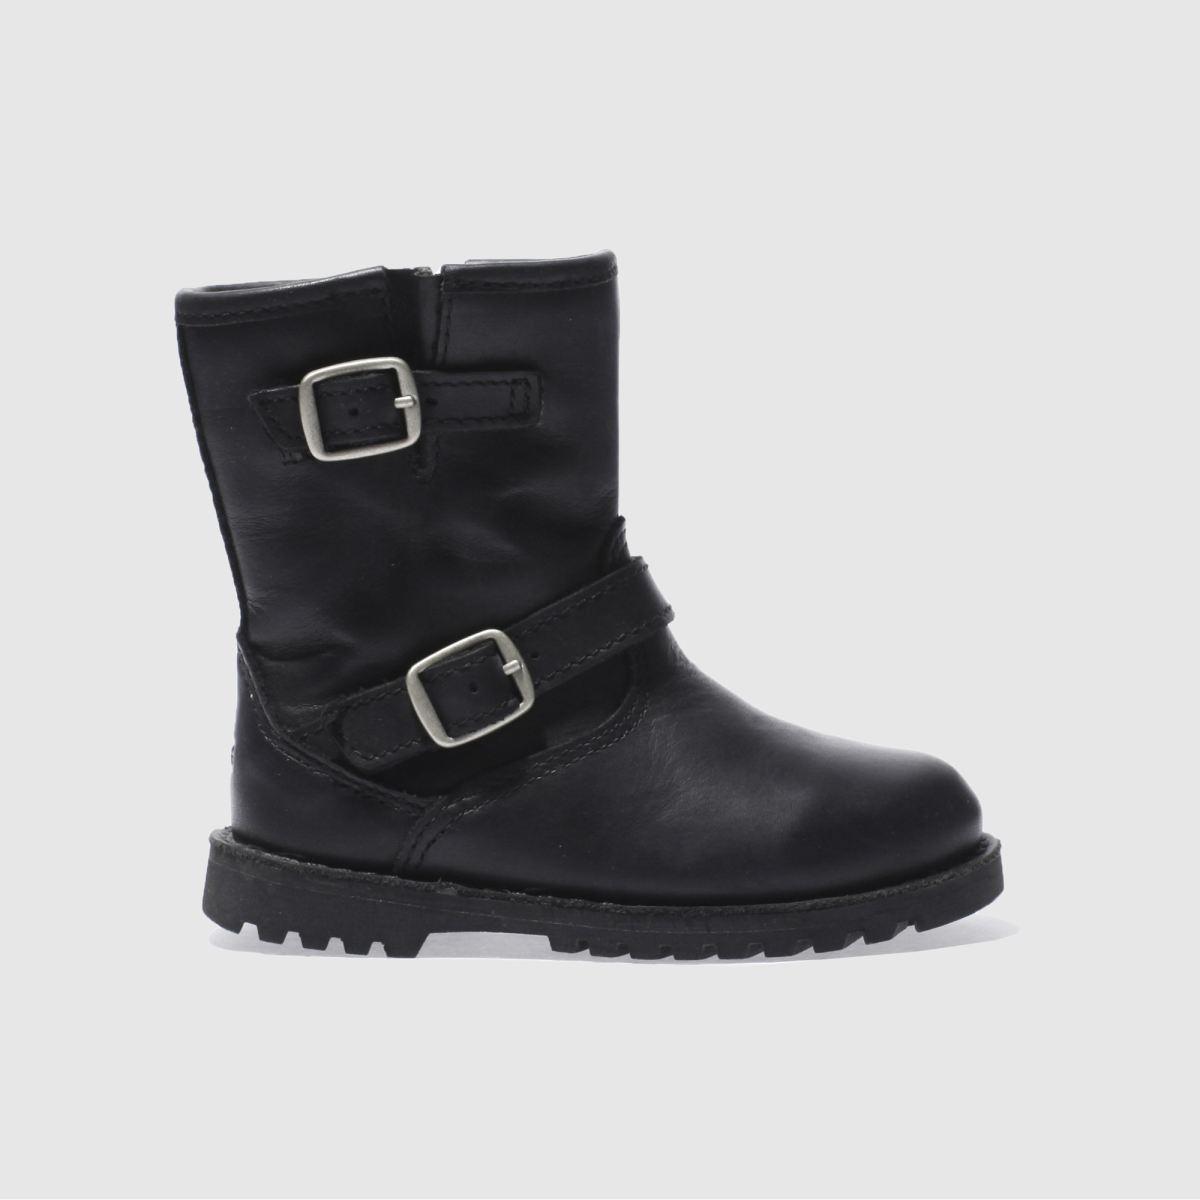 UGG Australia Ugg Black Harwell Boots Toddler